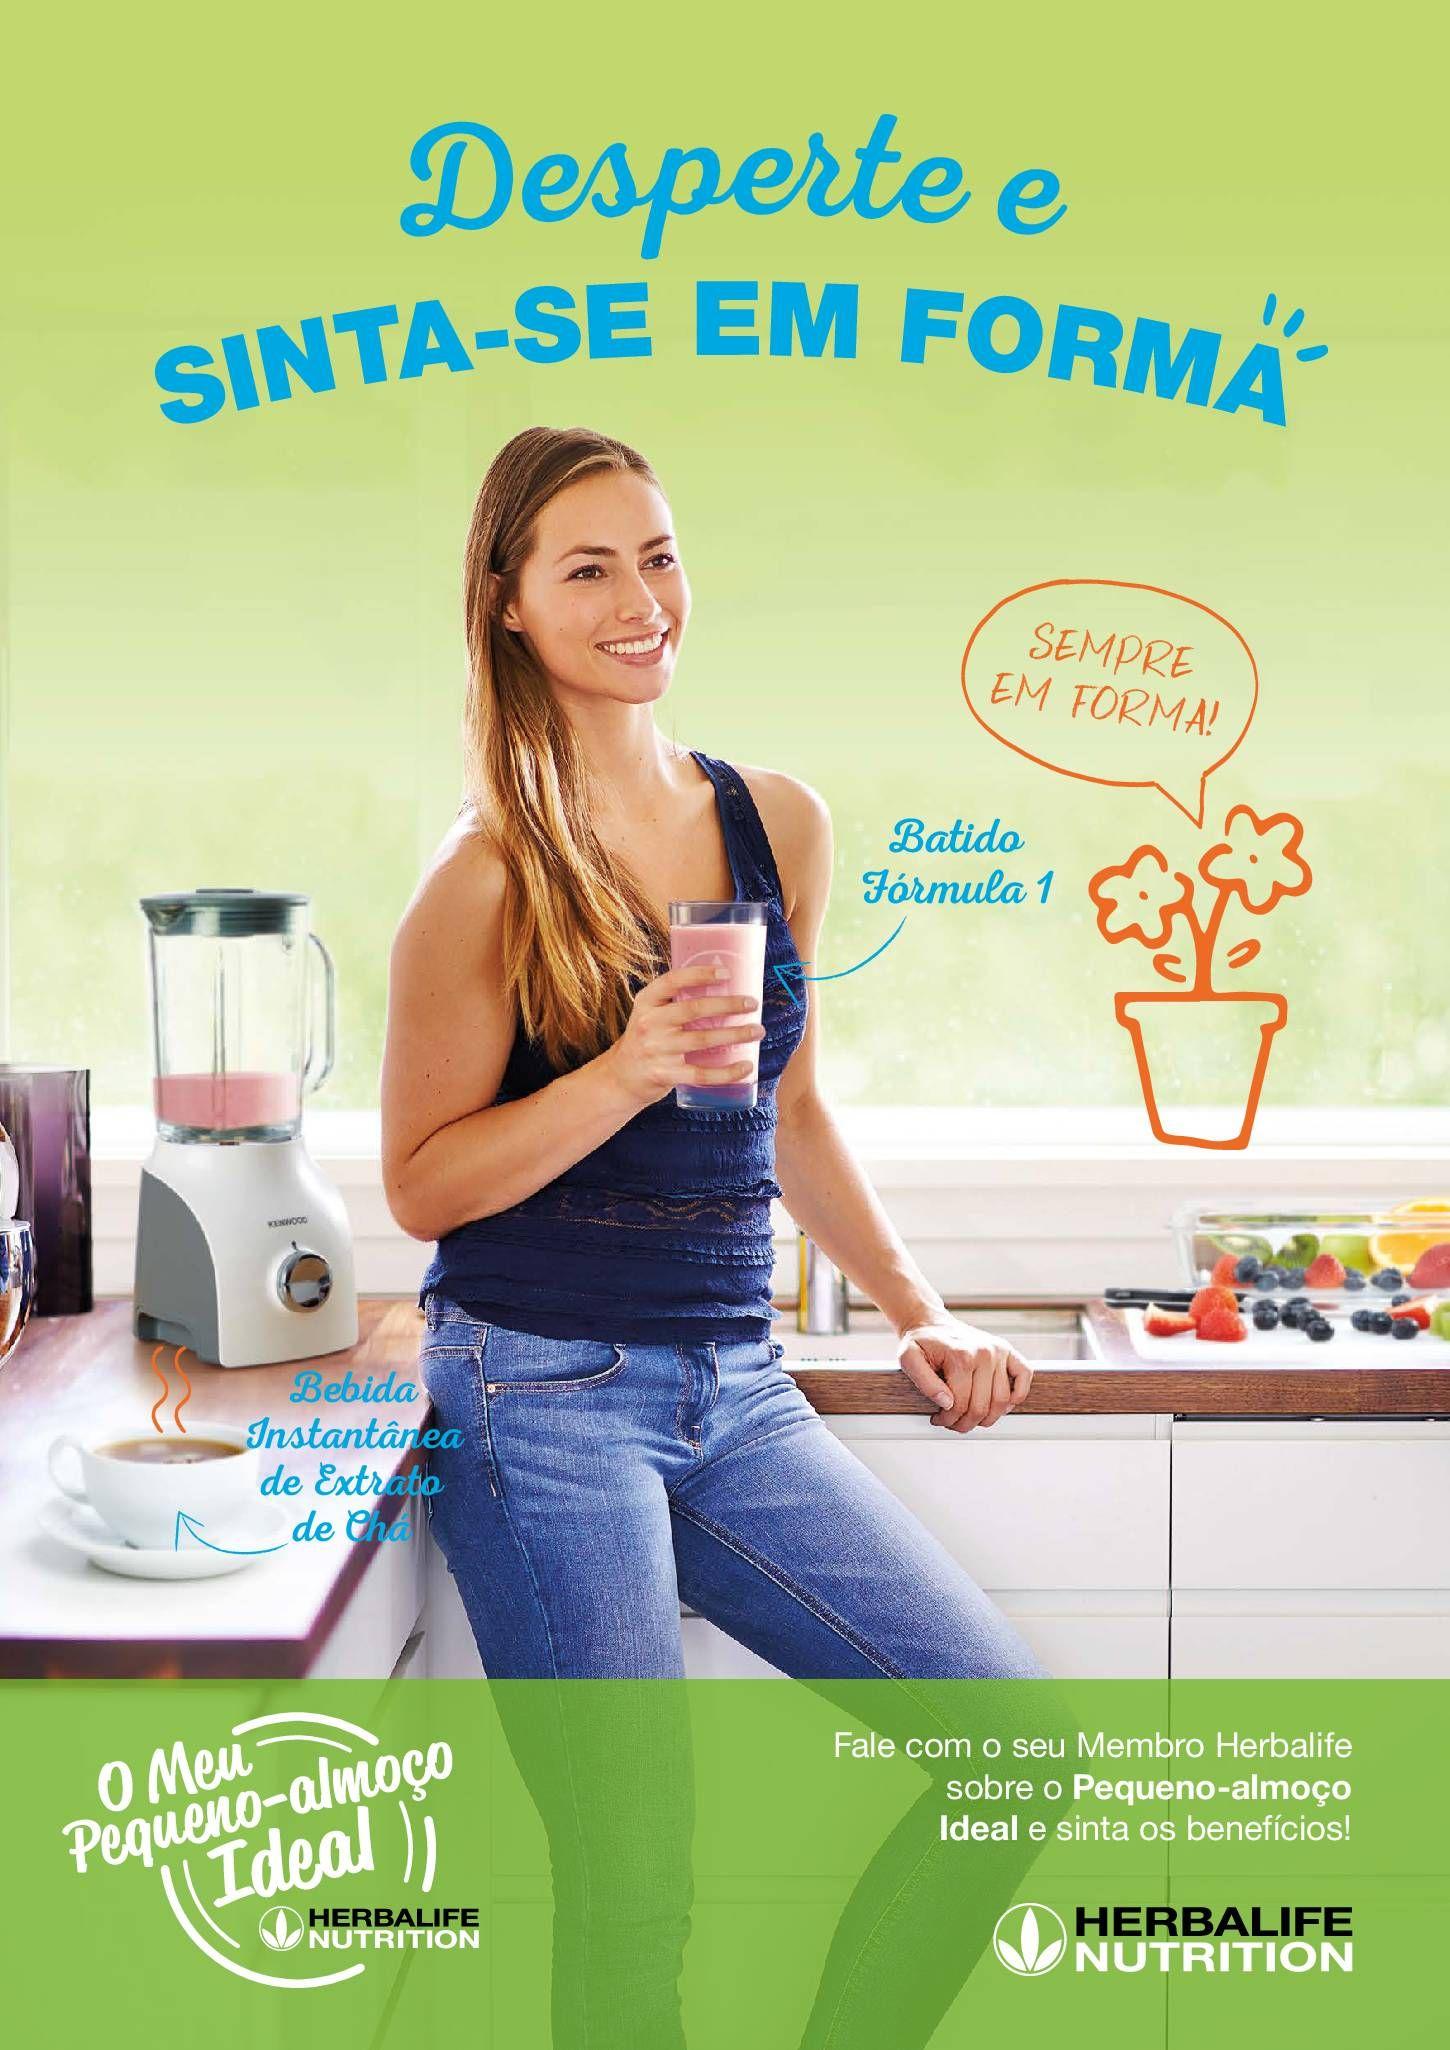 Desperte e SINTA-SE EM FORMA ;) :)  Saiba mais, Preenchendo este Formulário em: https://goo.gl/z6W2h3  Nuno Ferreira | Membro Herbalife Independente | www.formaperfeita.eu | 968 433 355